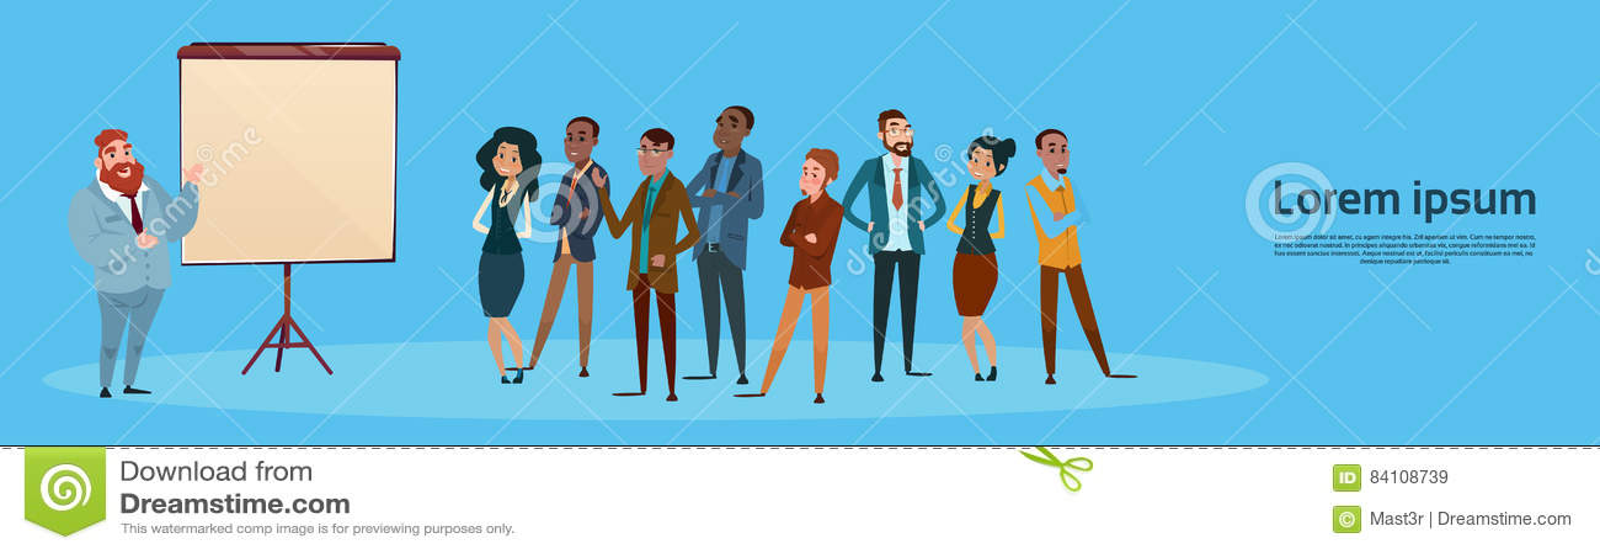 Presentation Flip Chart, Businesspeople Team Training Conference Meeting för grupp för affärsfolk